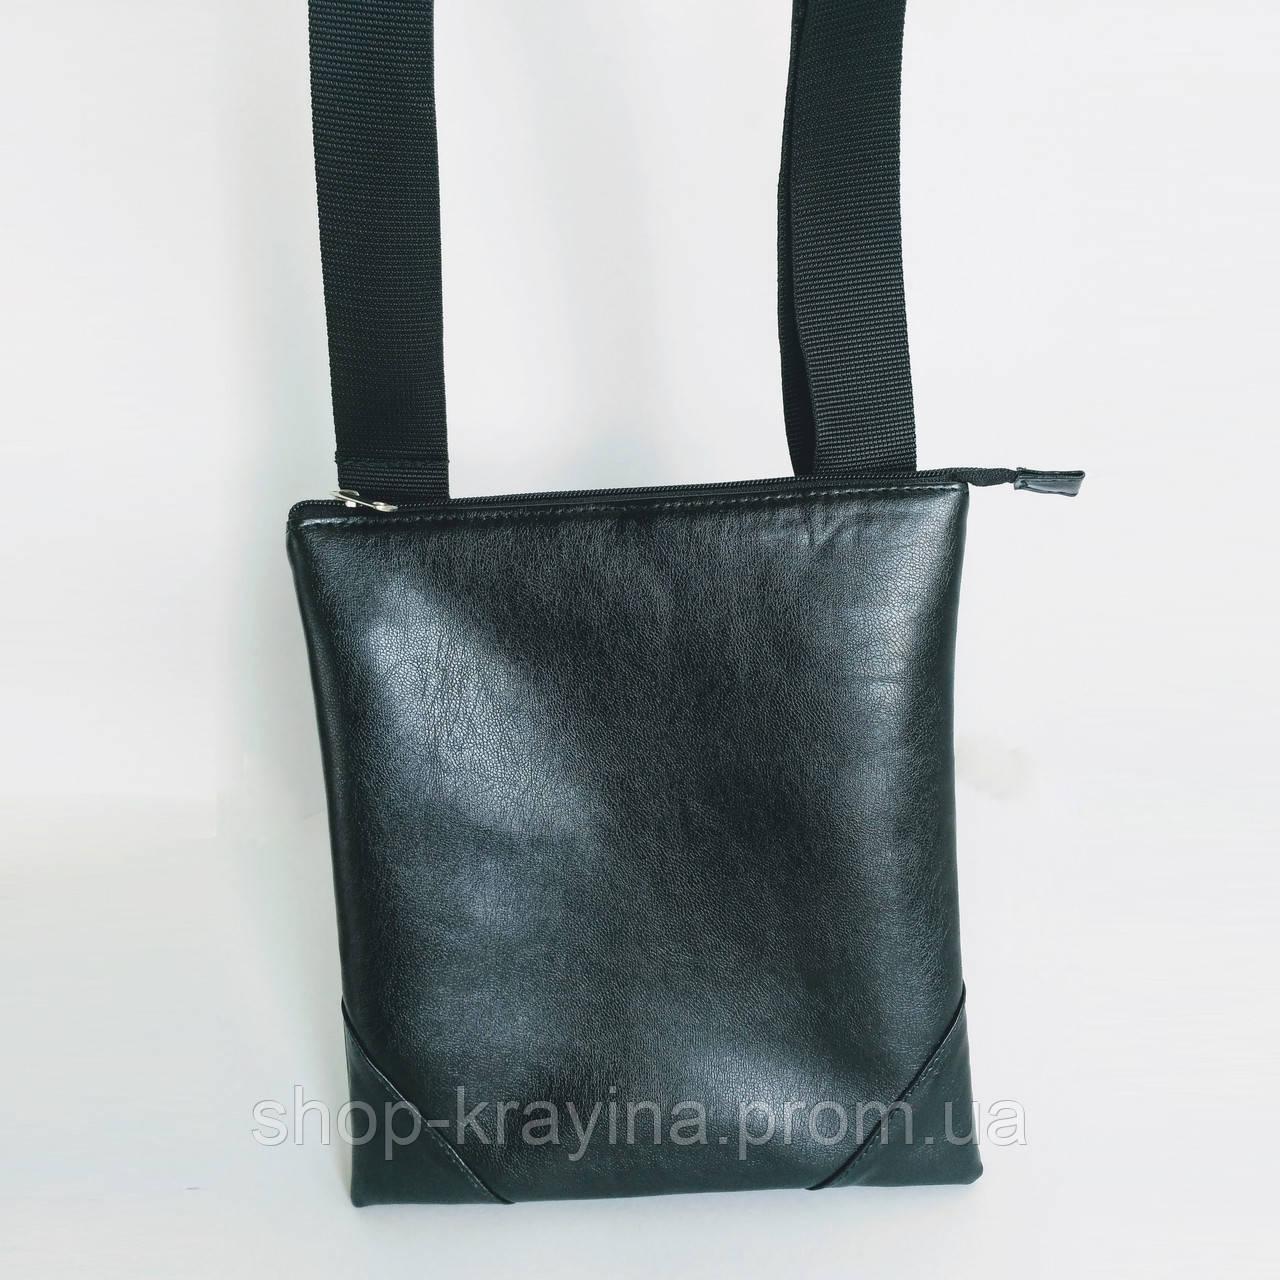 Сумка мужская Jak15, 27*24*6 см, черный, угол